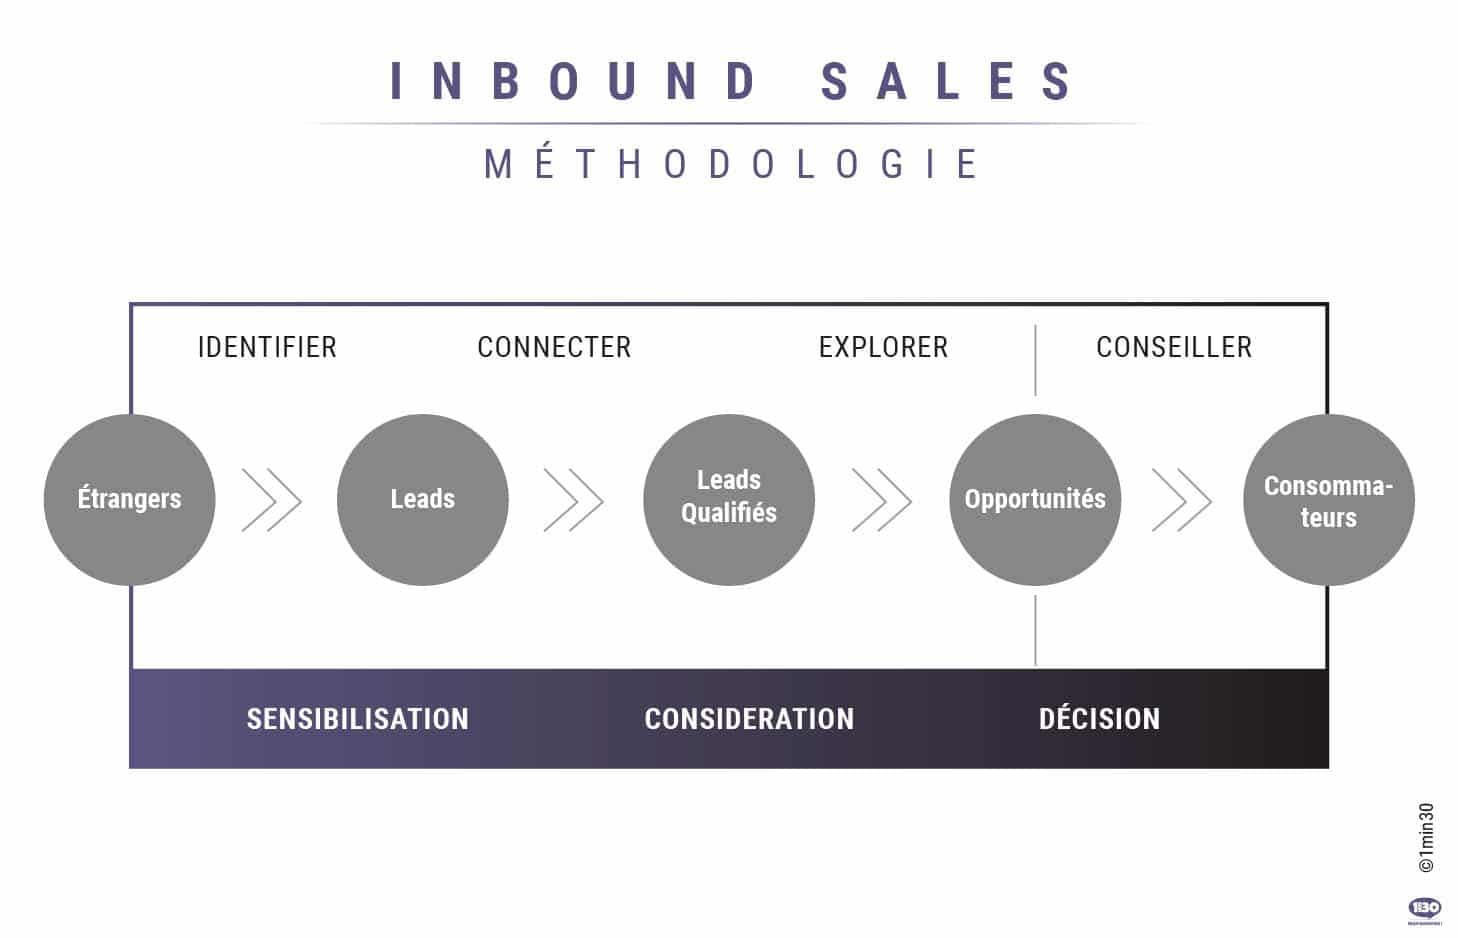 methodologie-inbound-sales-1